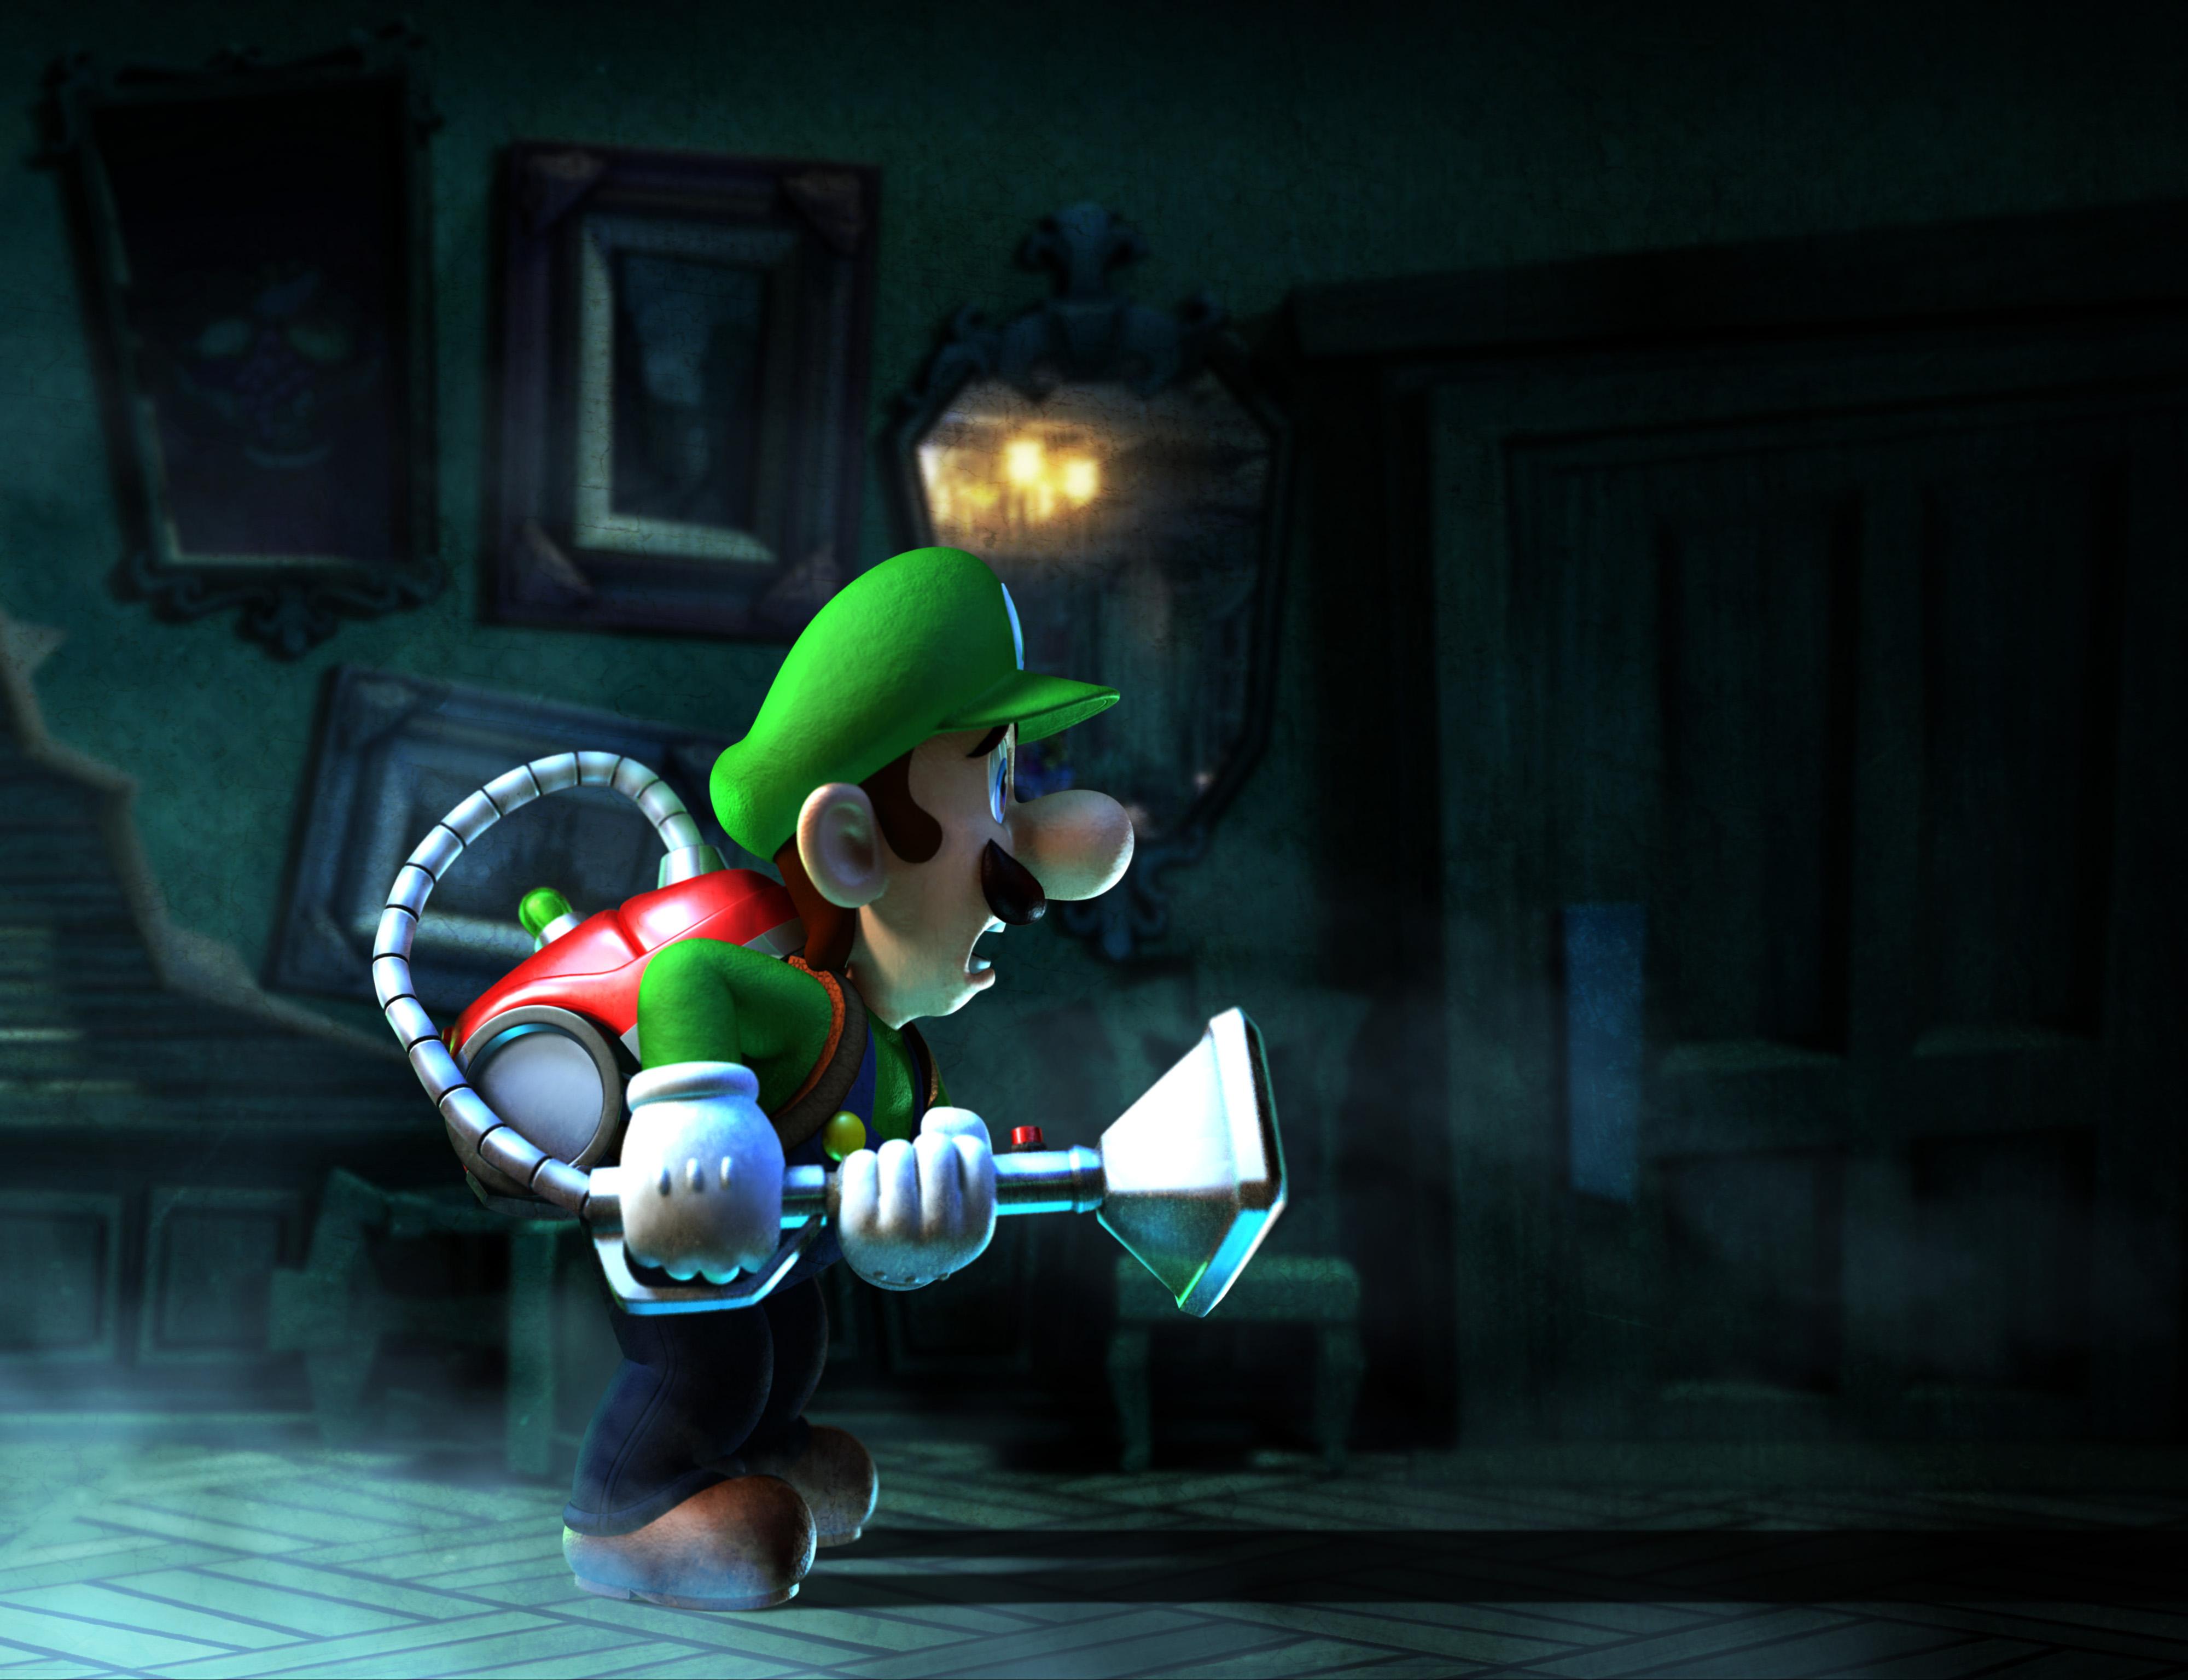 Luigis Mansion Dark Moon Wallpaper Hd Luigis mansion dark moon 4000x3072